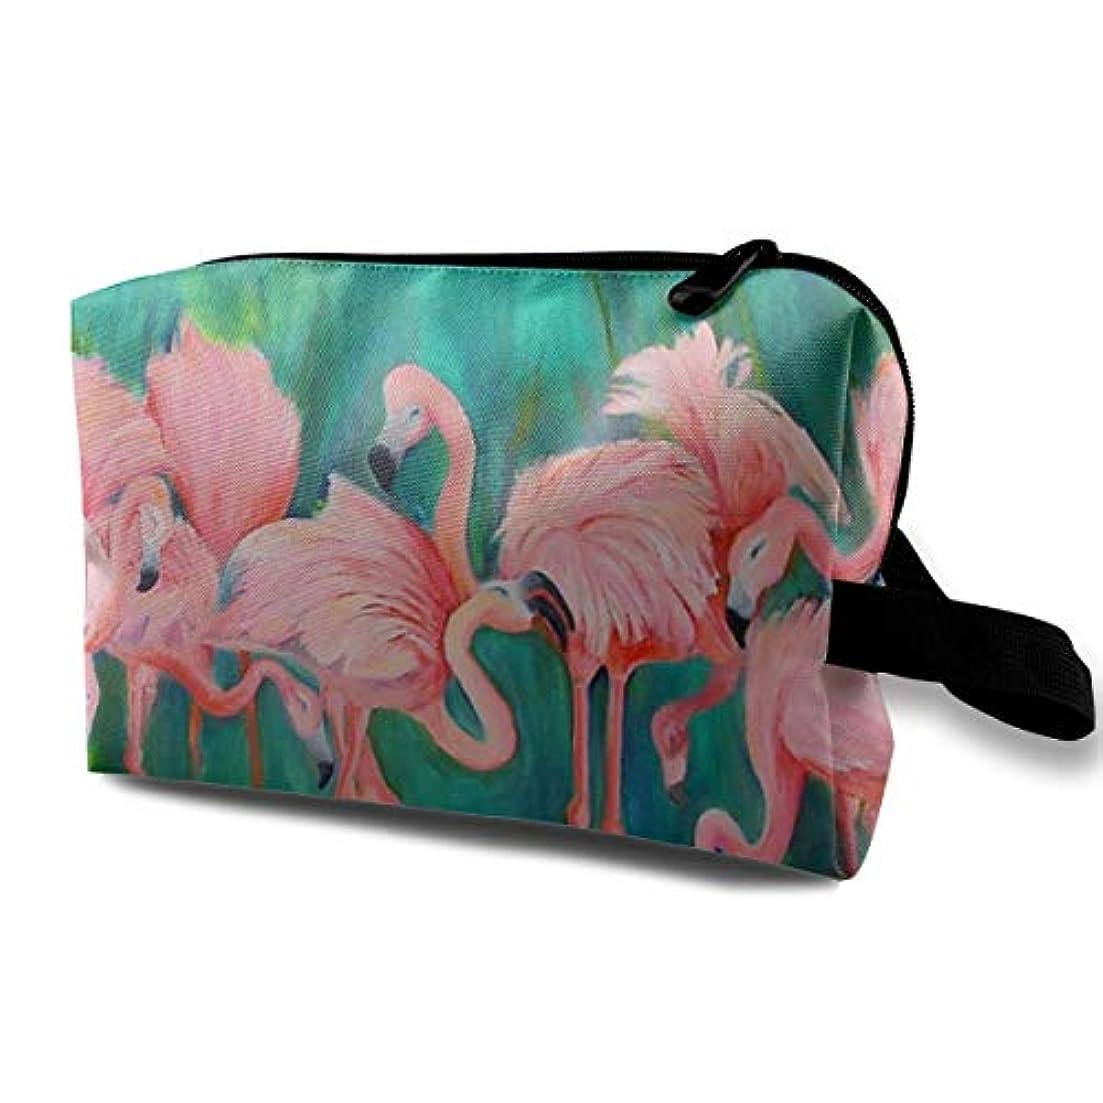 矛盾する階層未来Love Heart Flamingos 収納ポーチ 化粧ポーチ 大容量 軽量 耐久性 ハンドル付持ち運び便利。入れ 自宅?出張?旅行?アウトドア撮影などに対応。メンズ レディース トラベルグッズ